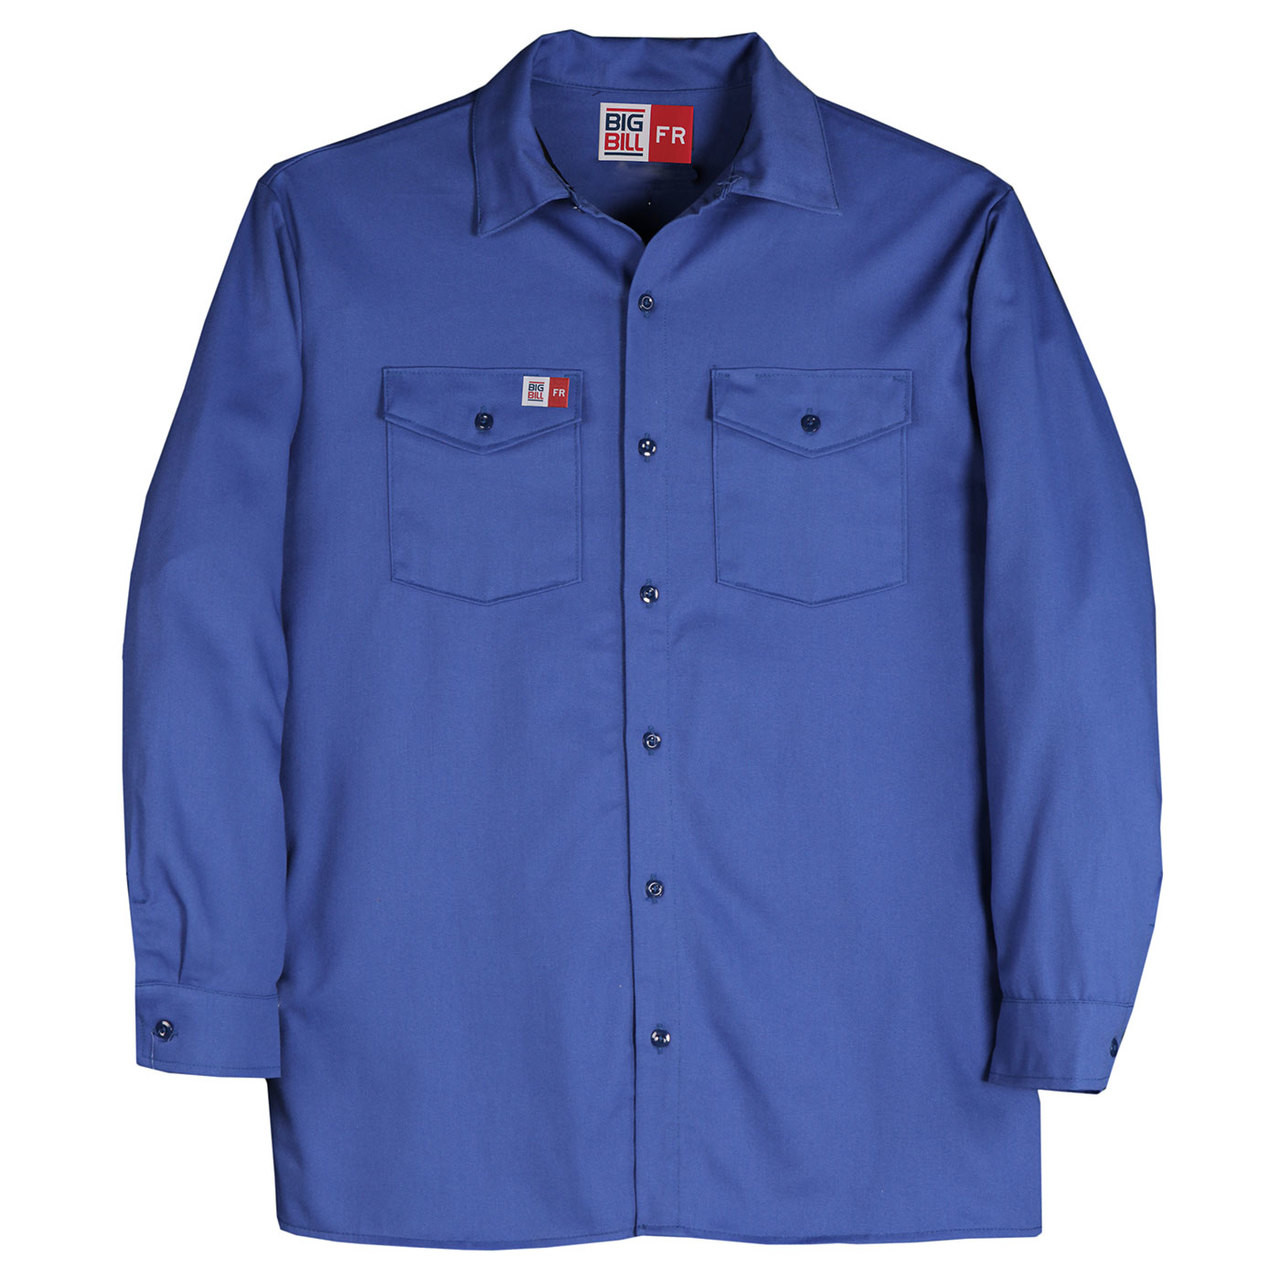 9fc0917819e Big Bill FR Westex UltraSoft Work Shirt TX231US7 Royal Blue